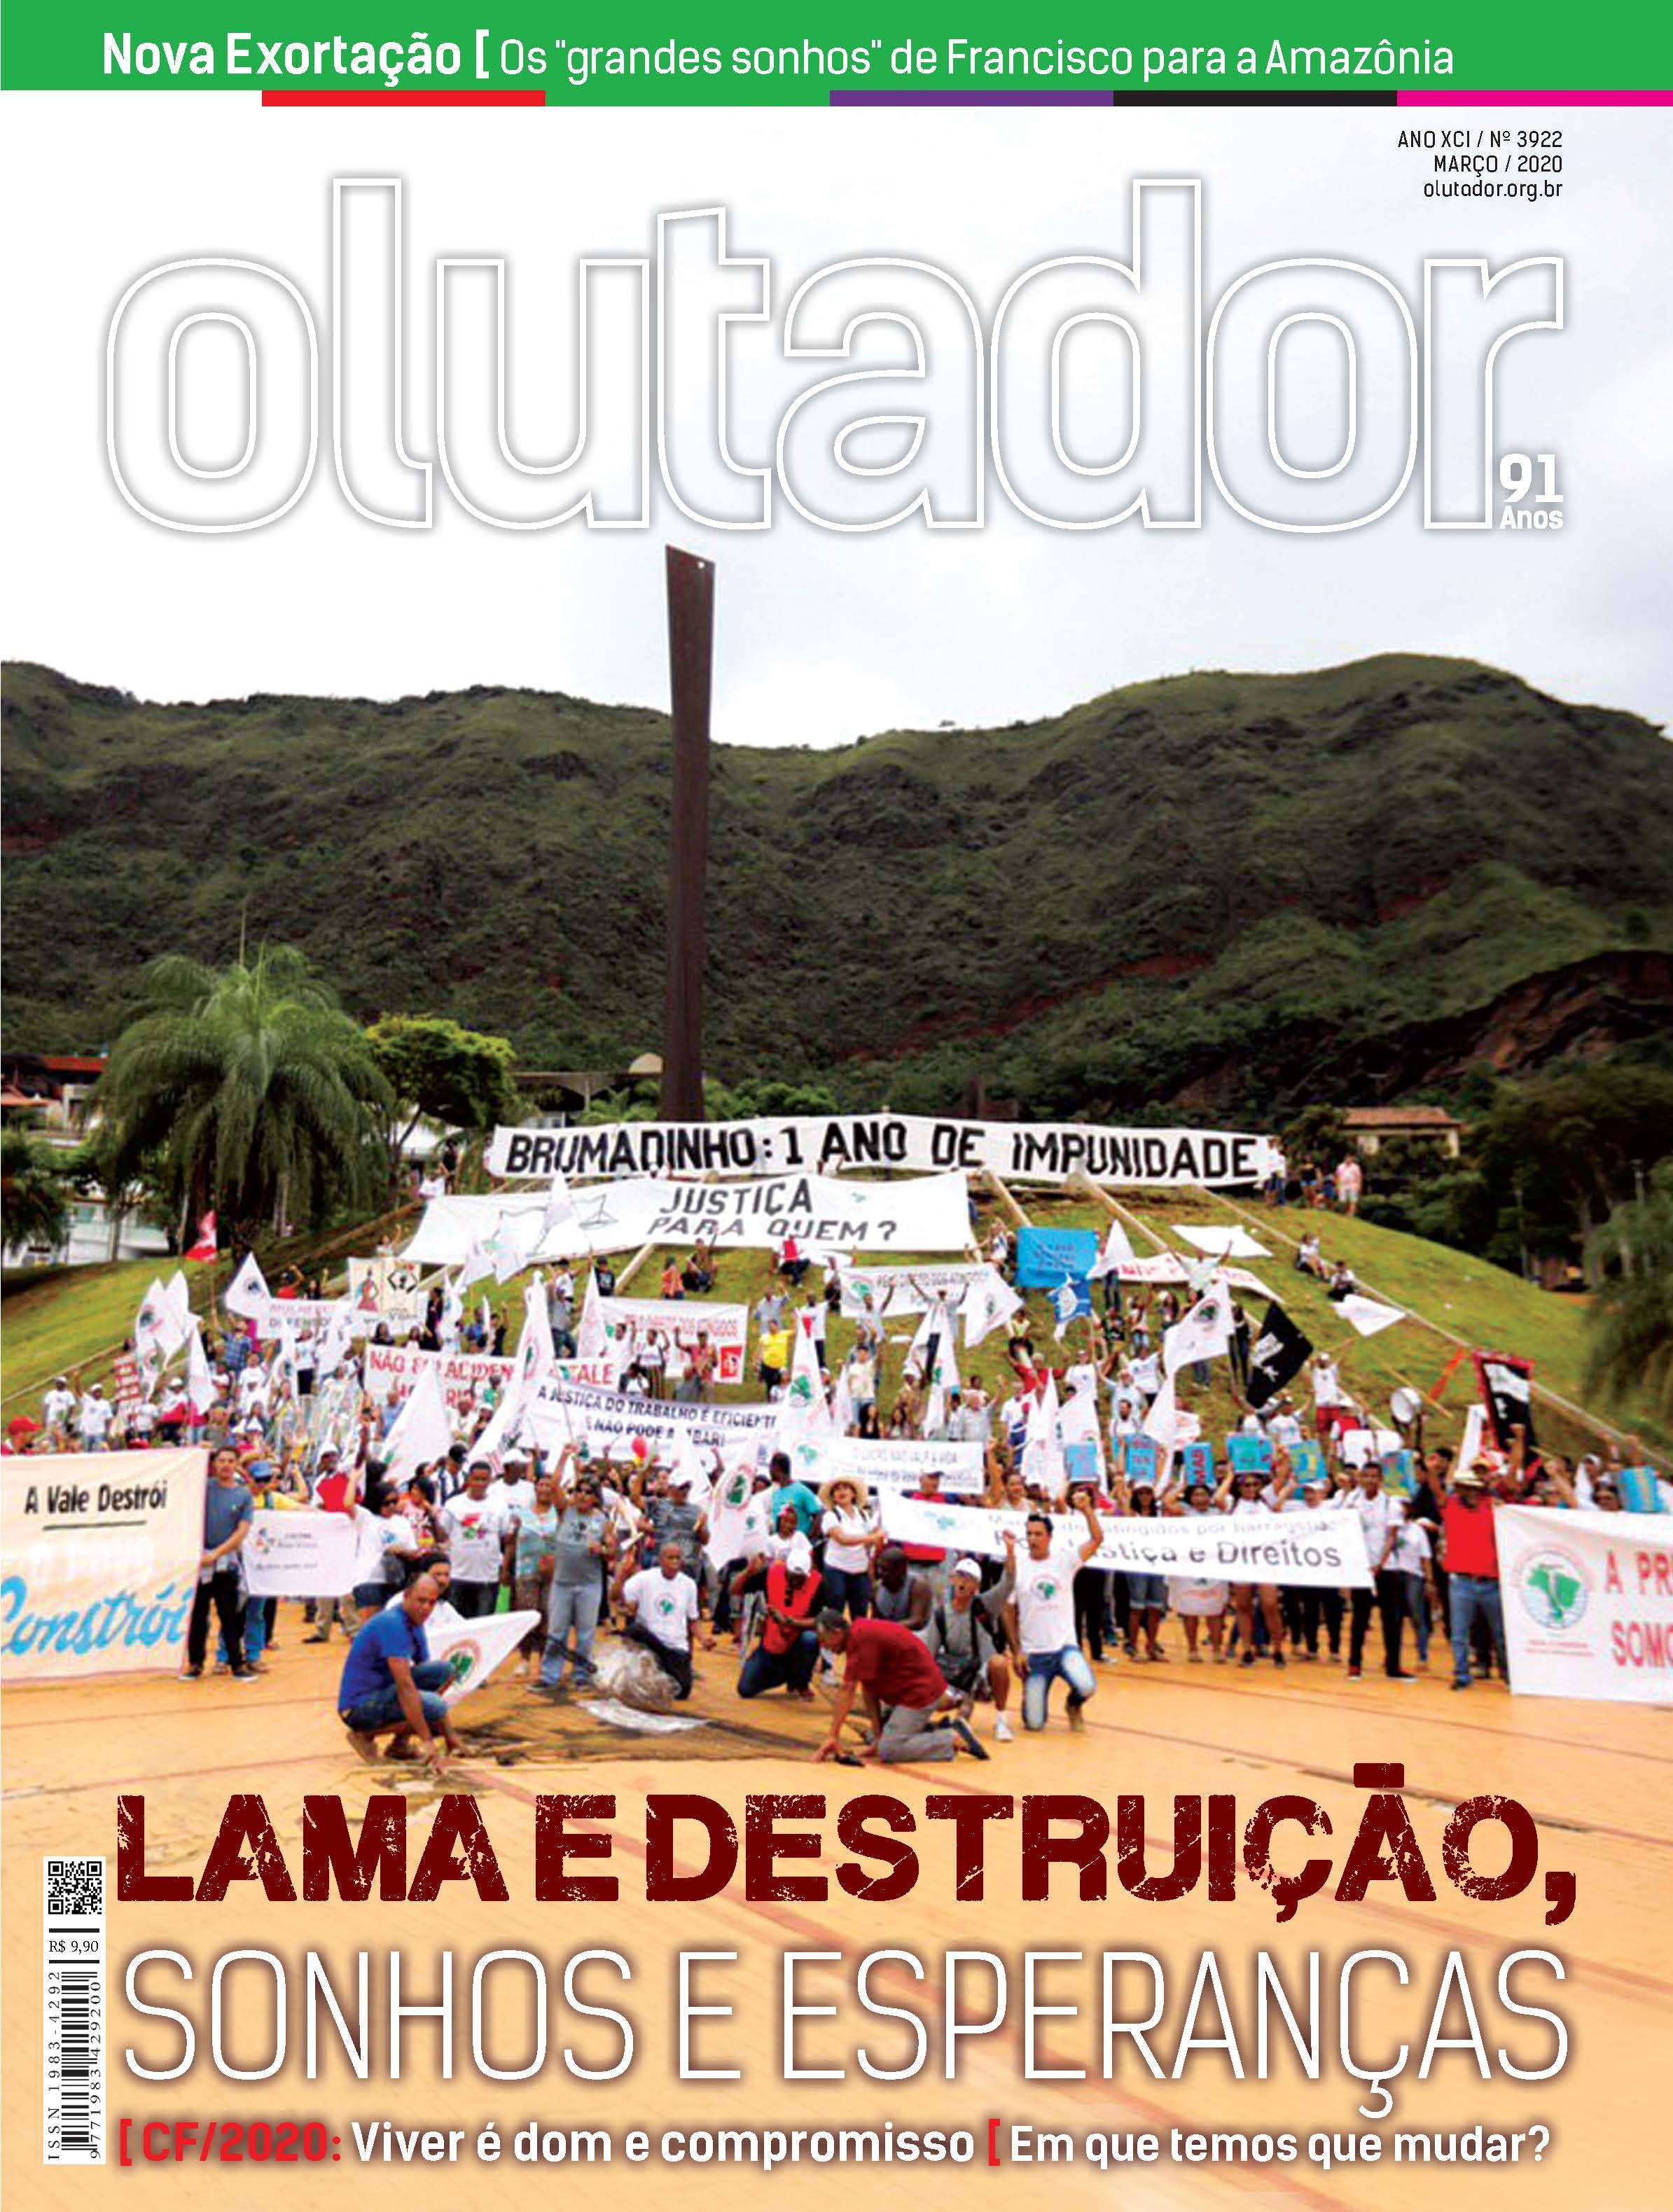 Mobilização contra Vale rompimento da barragem em Brumadinho